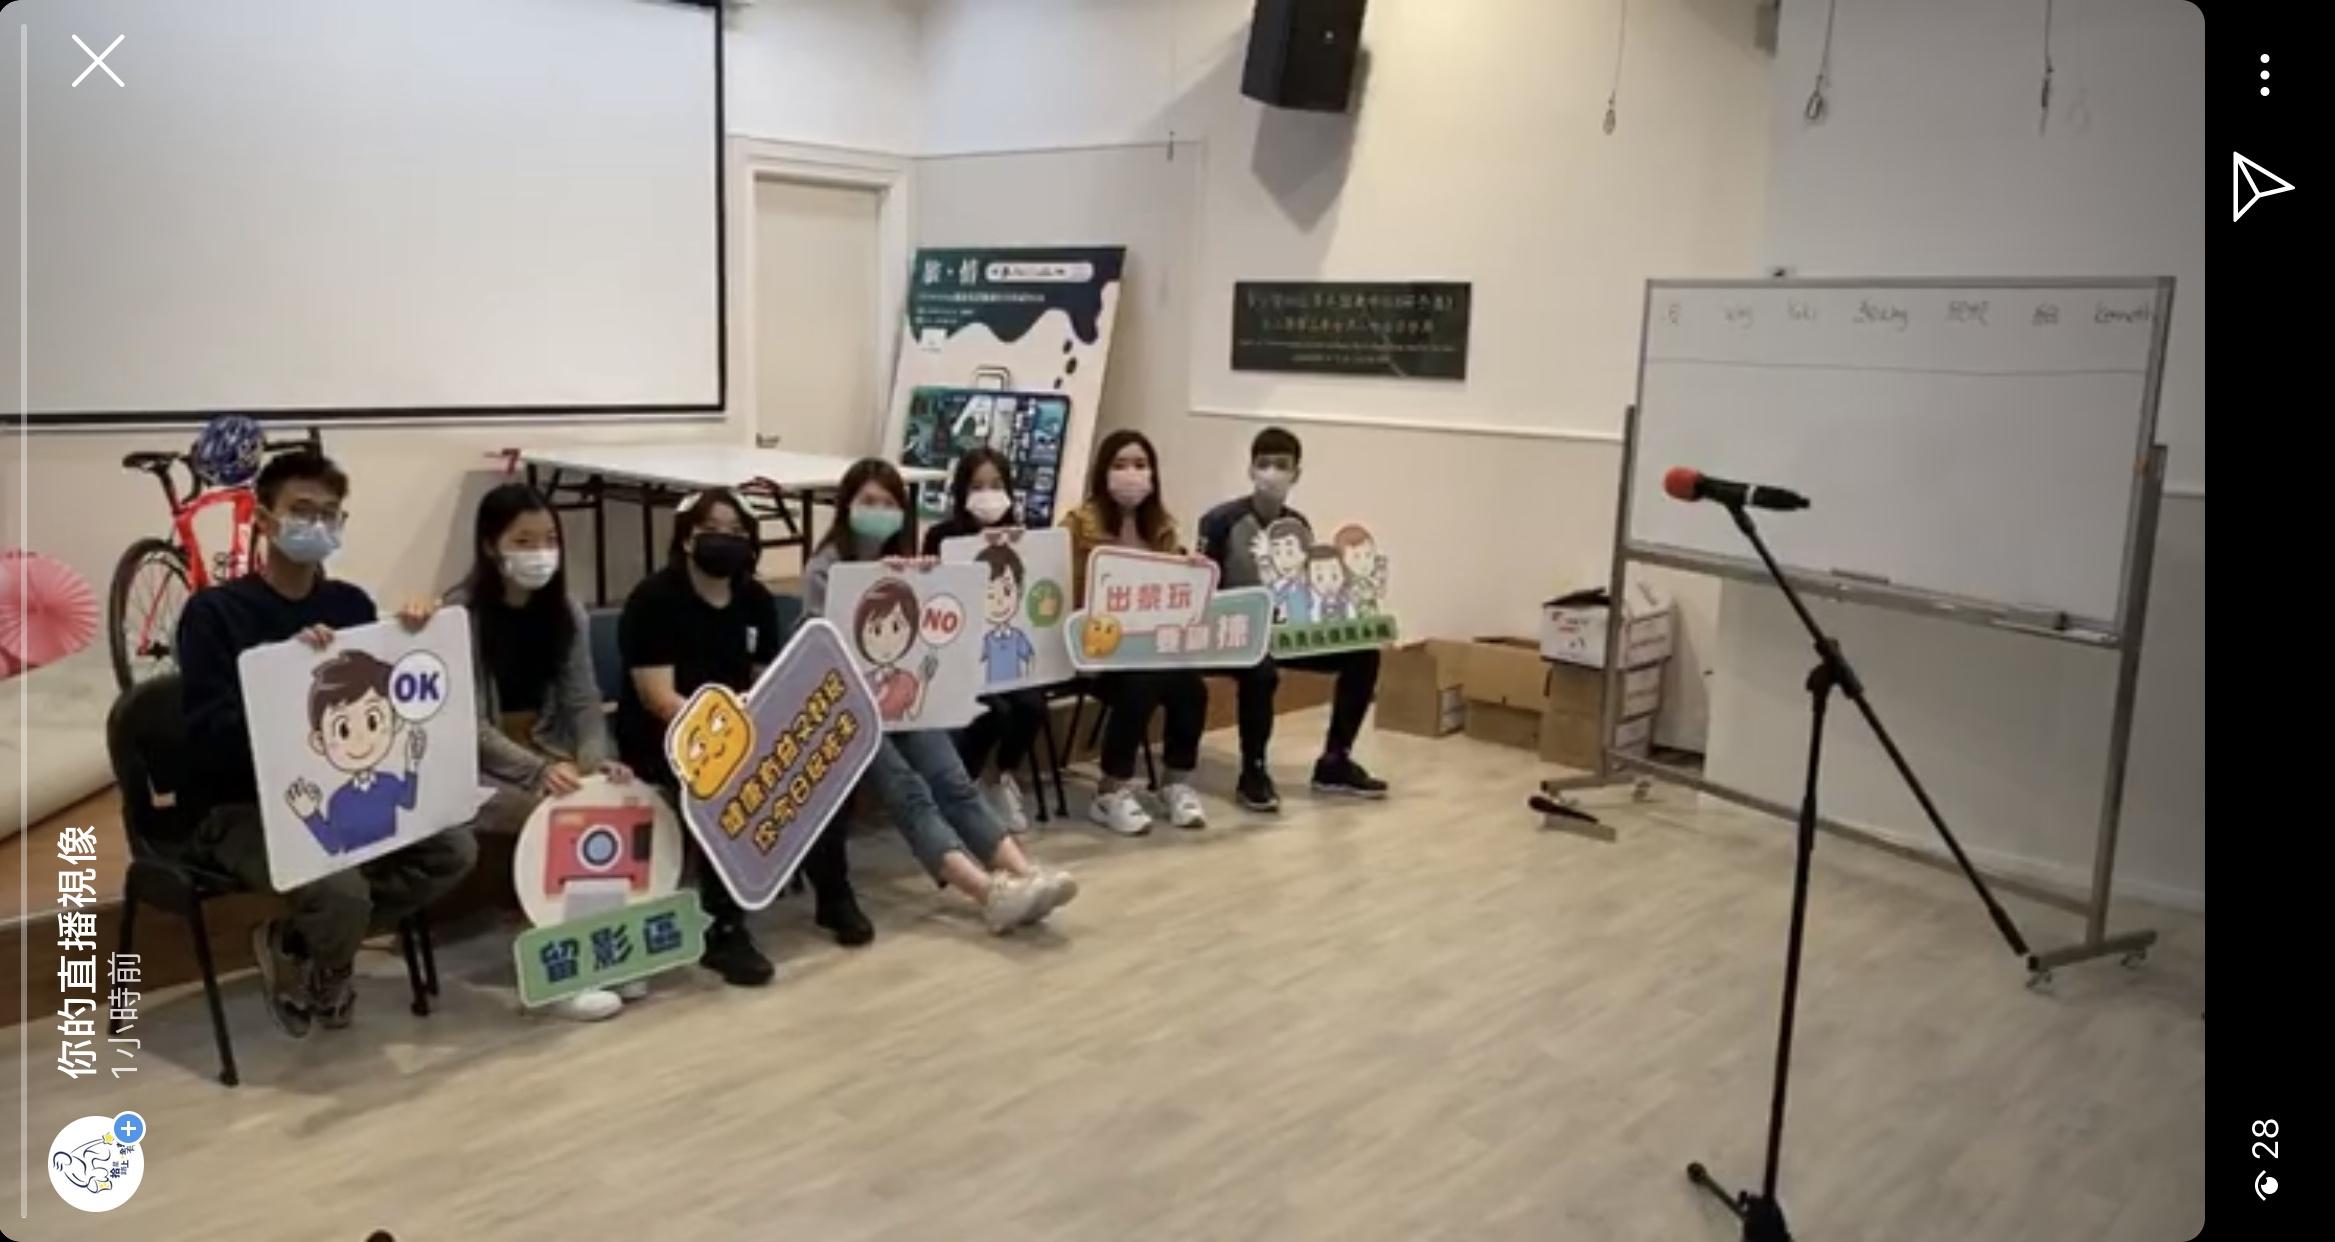 「聖公會北區青年服務隊」-《土炮Friday 大製作》網上系列活動